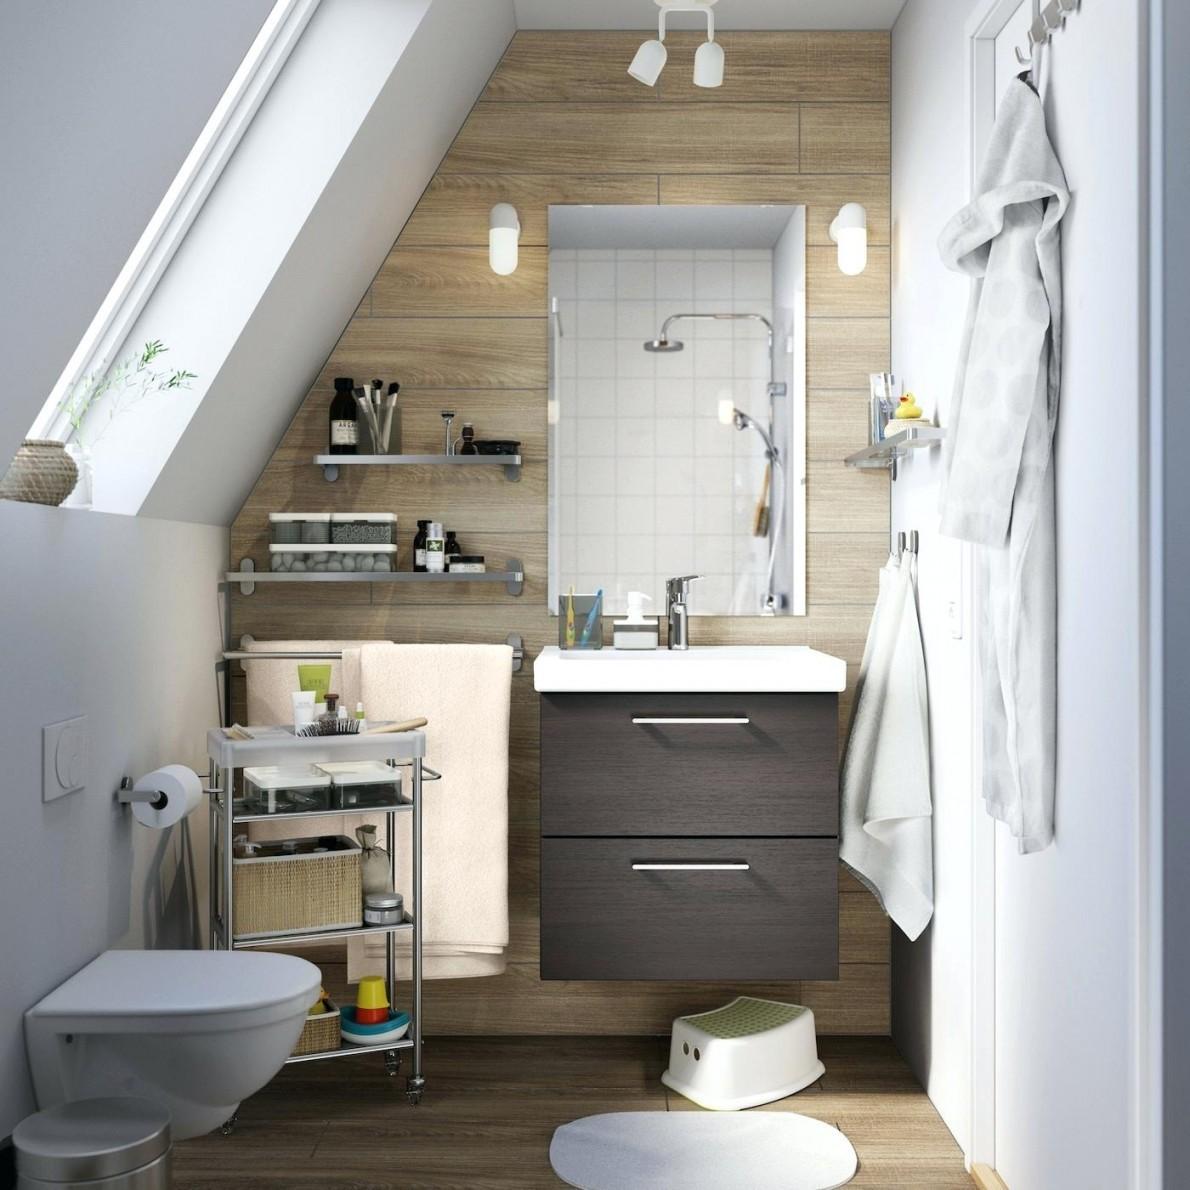 Mini Badezimmer Good Naturstein With Mini Badezimmer von Kleines Bad Renovieren Bild